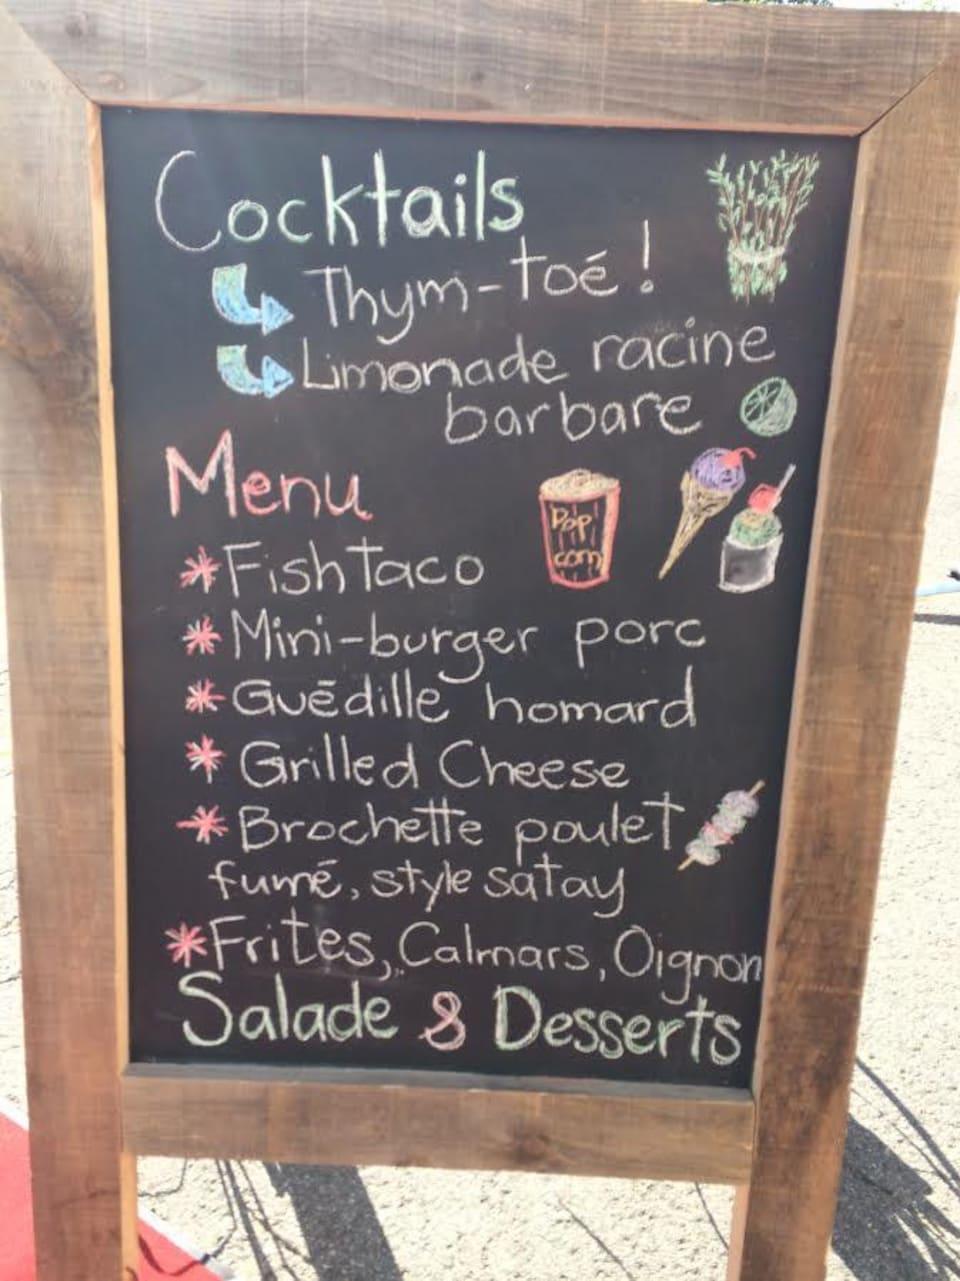 Le menu affiché pour ce soir.